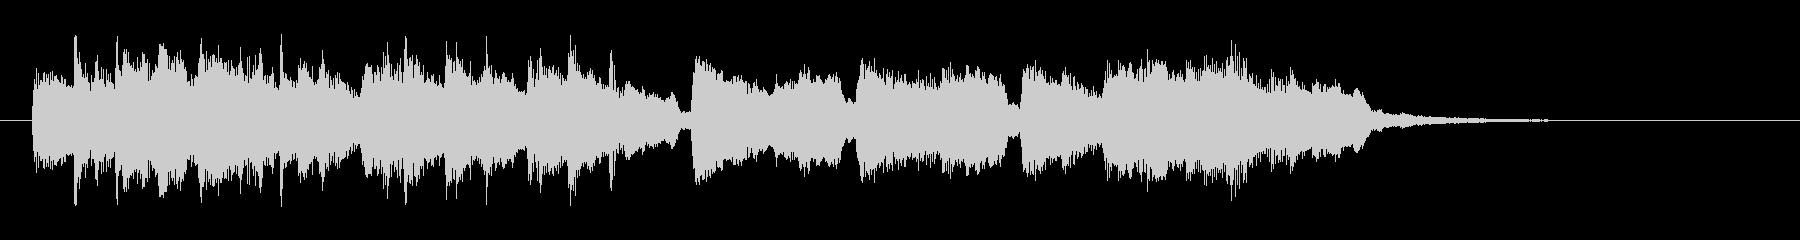 チェンバロとストリングスのアンサンブルの未再生の波形